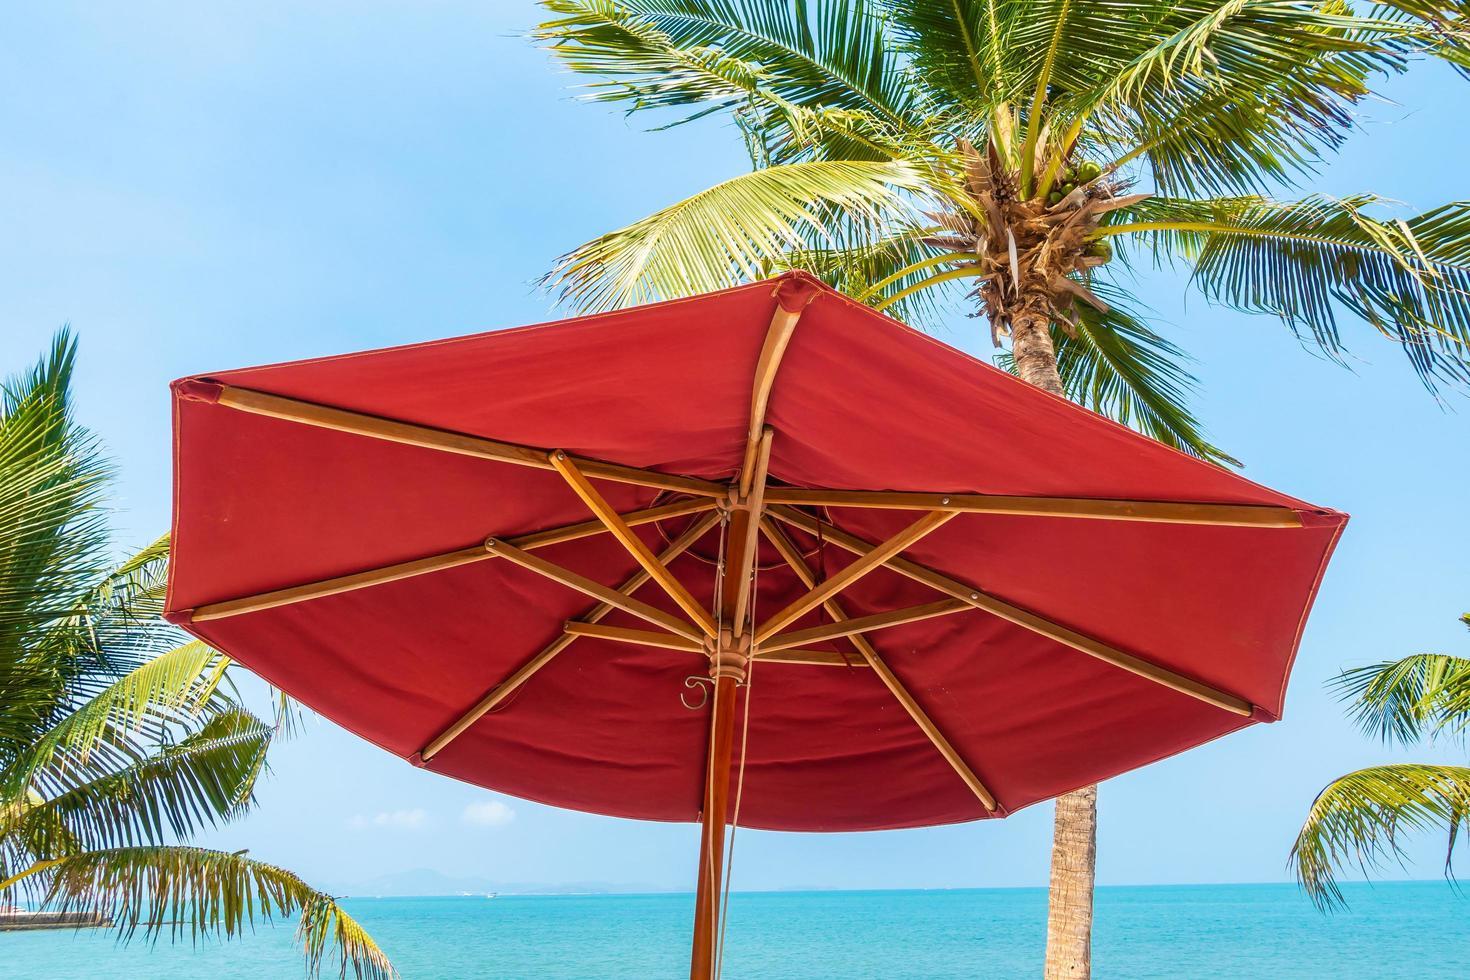 sombrilla en la playa foto